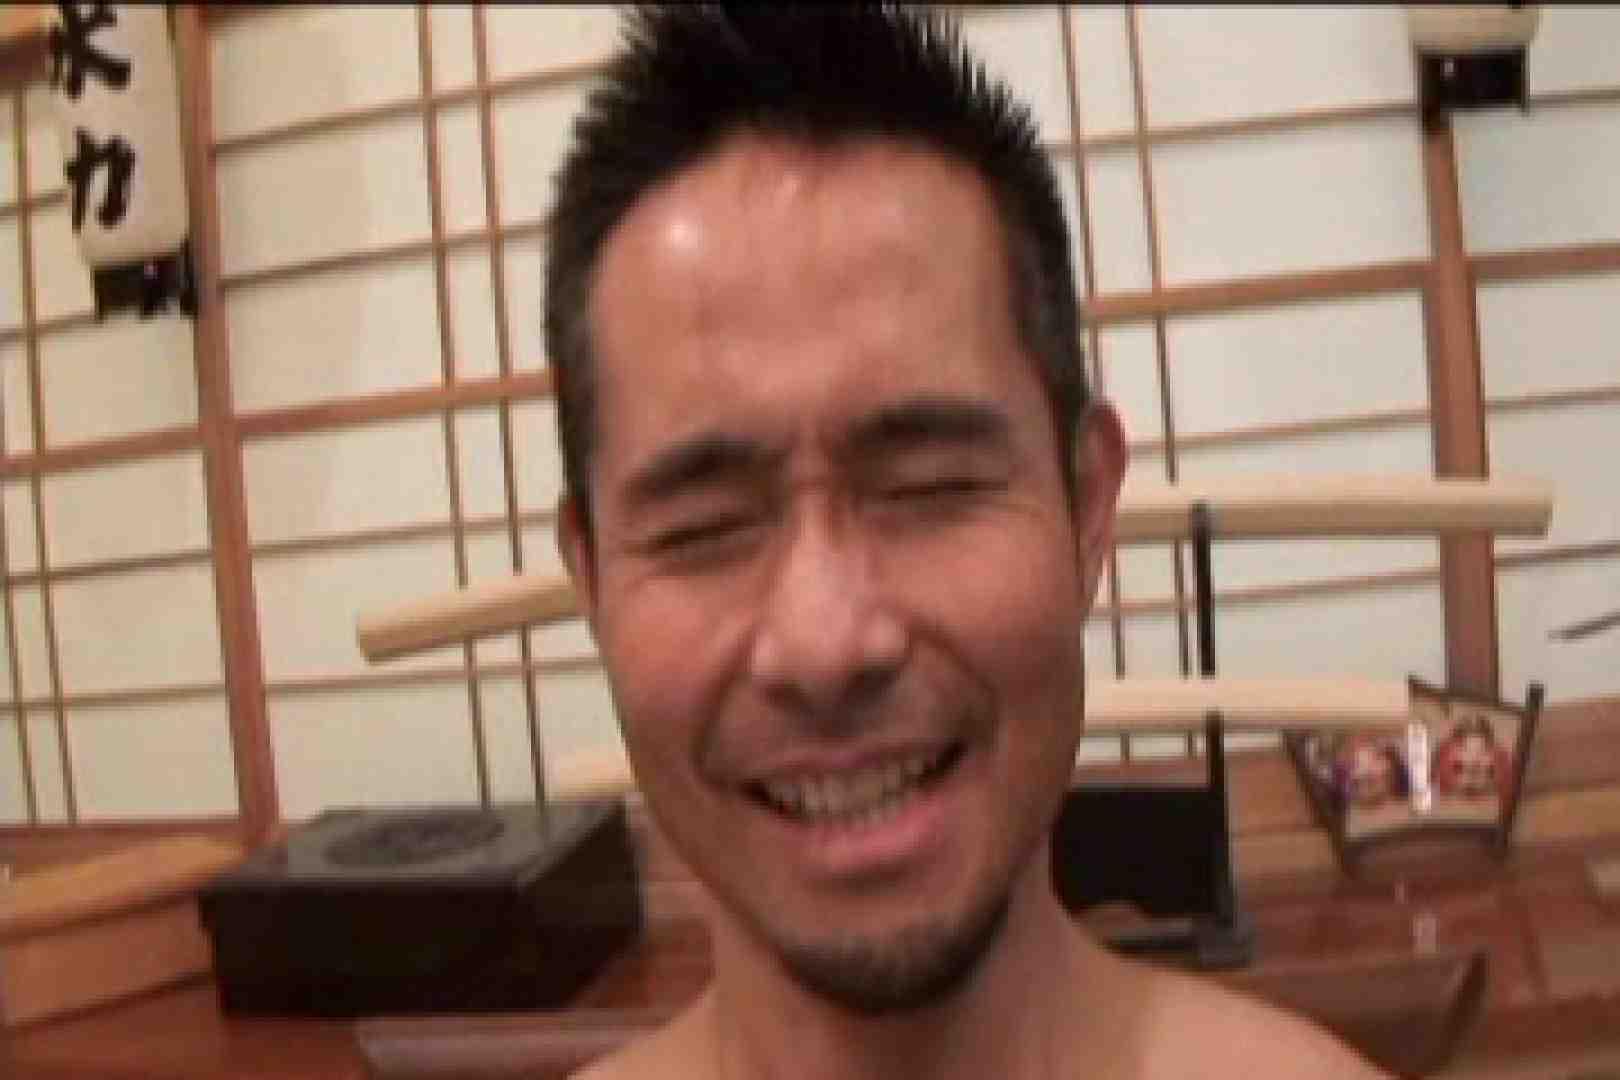 イケメン!!淫根乱舞スッパ抜き!! Vol.04 入浴・シャワー ゲイモロ見え画像 14画像 6